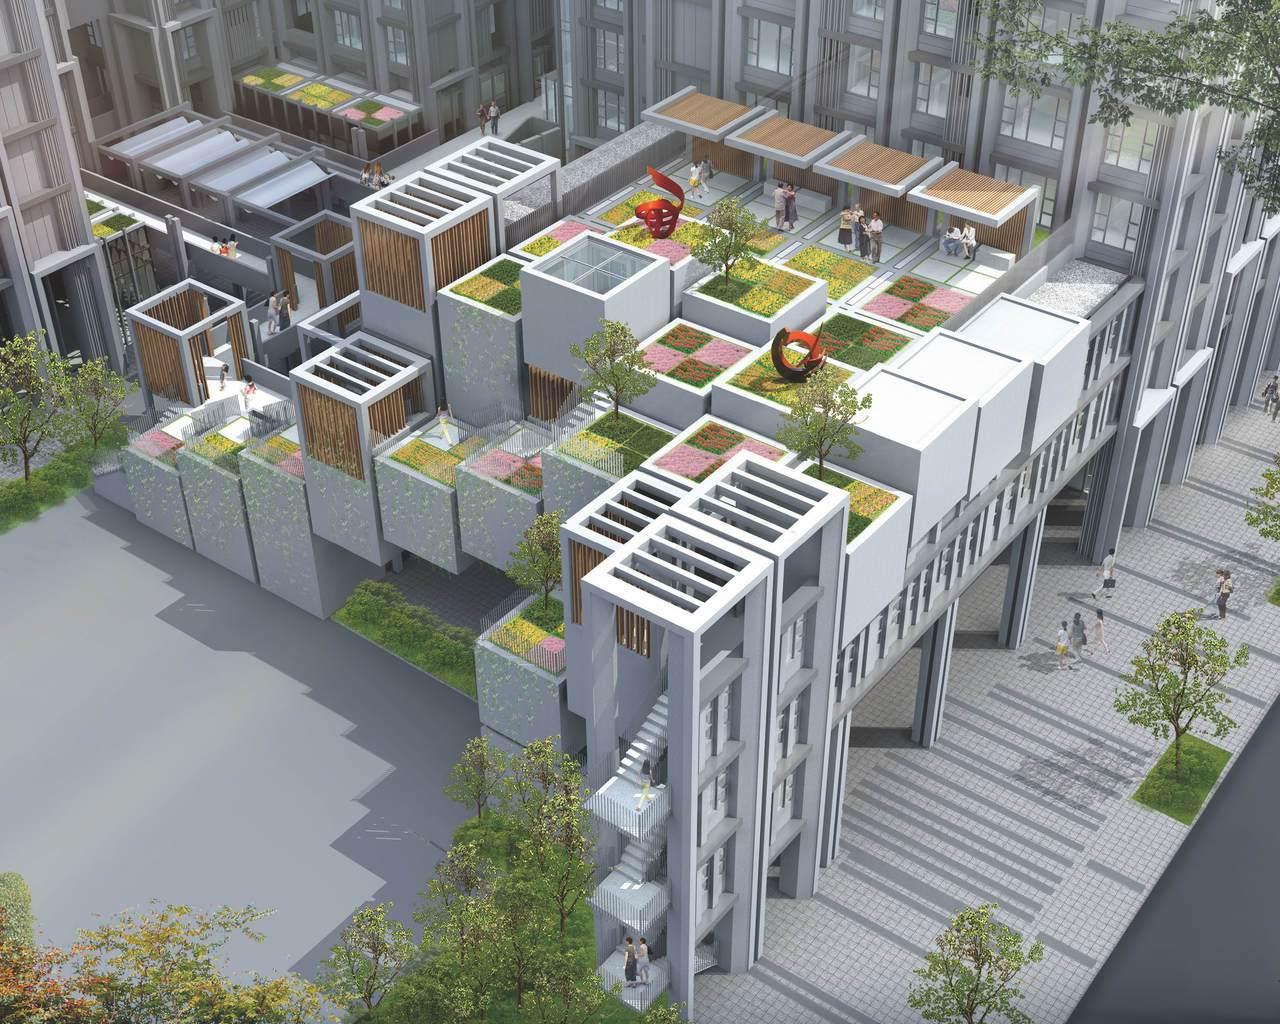 台中市規劃西屯社宅,位於豪宅林立的市中心精華地段,低層有複層植栽樹穴,宛如幾何花...